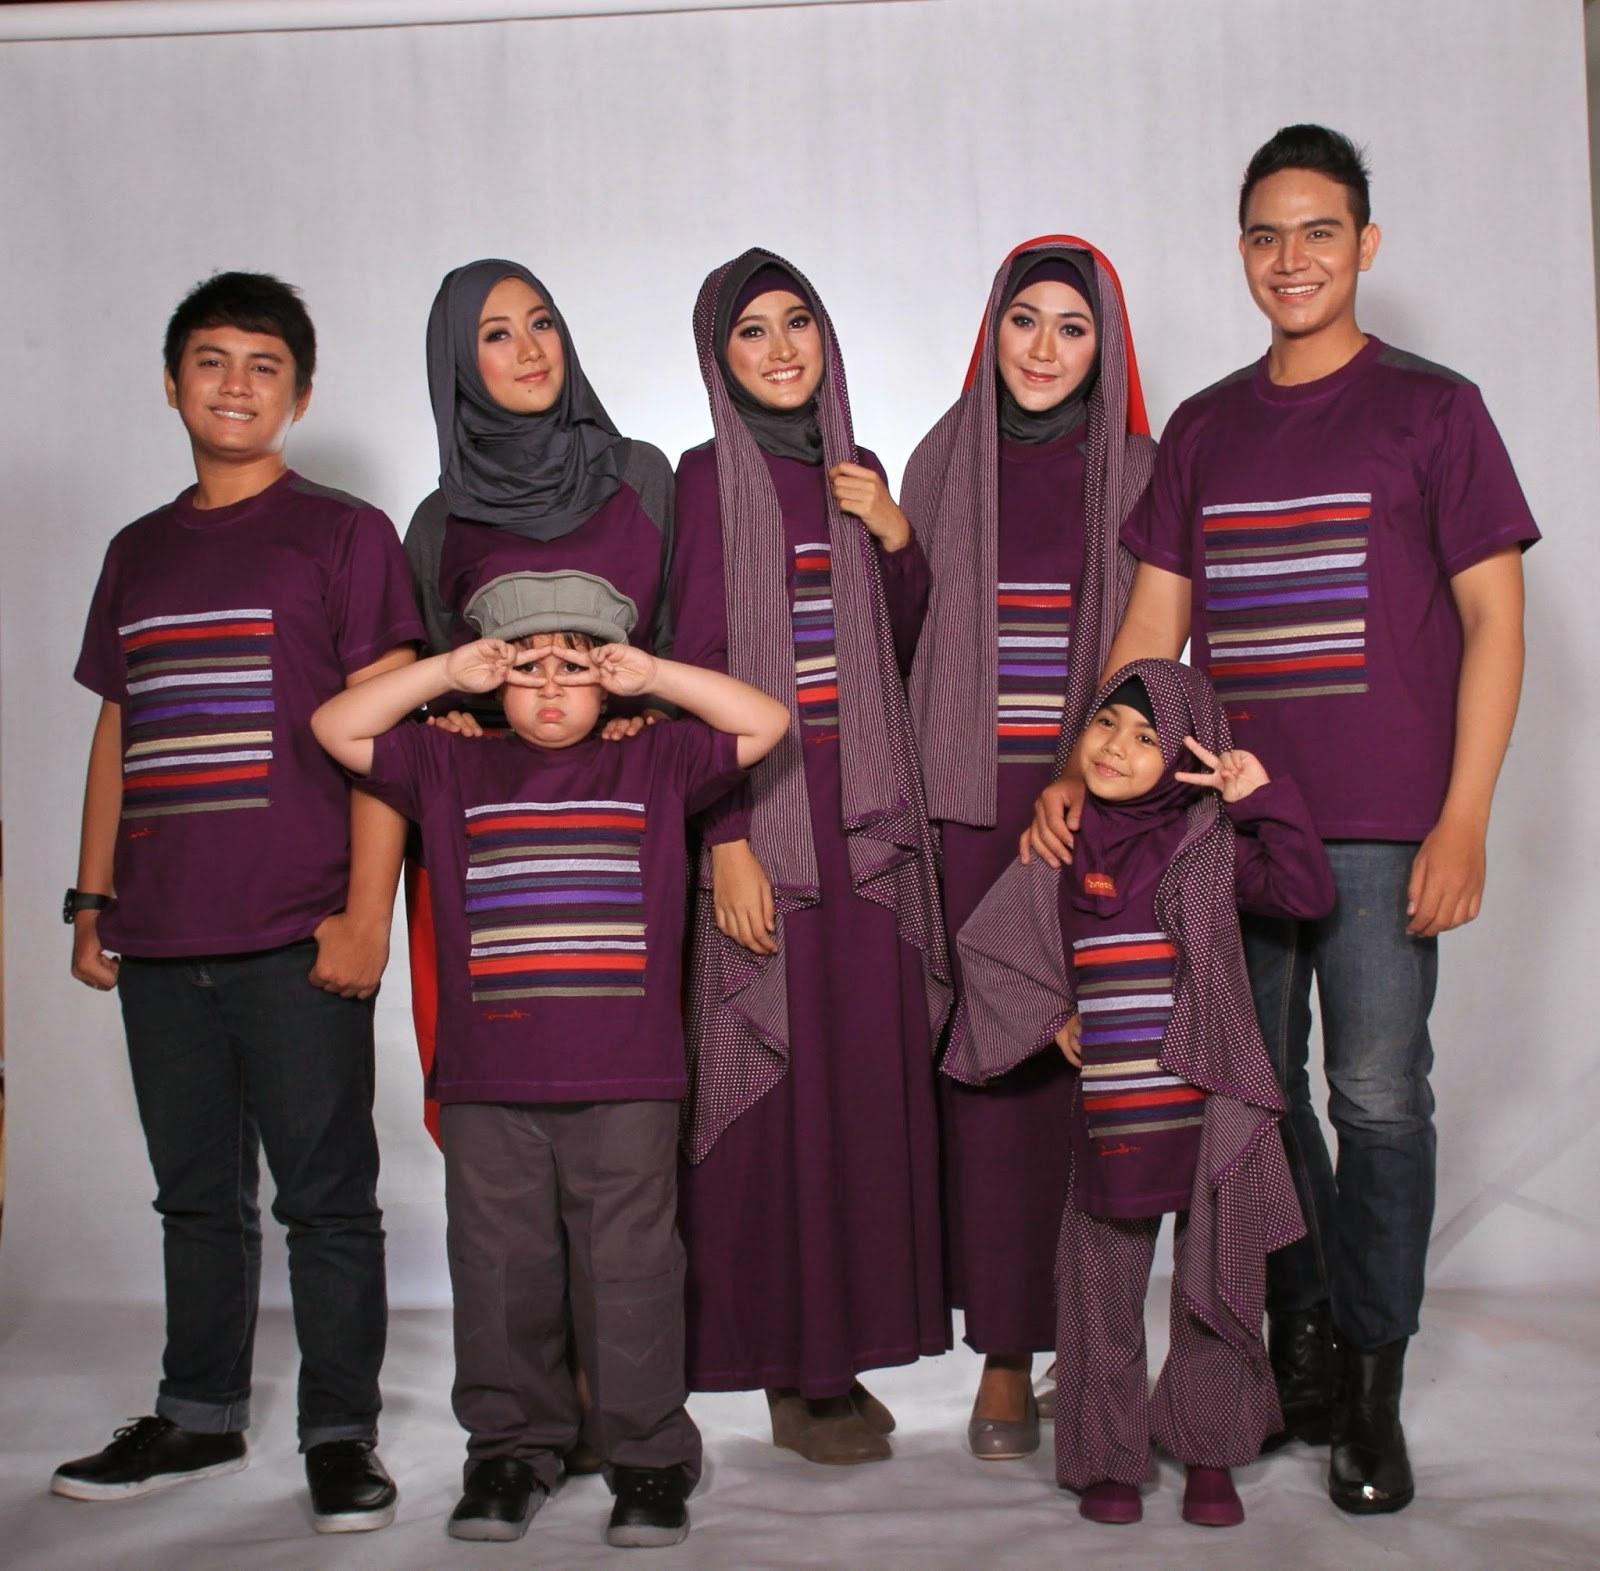 Inspirasi Baju Lebaran Wanita Namanya Mndw Model Baju Keluarga Untuk Hari Raya Lebaran 2018